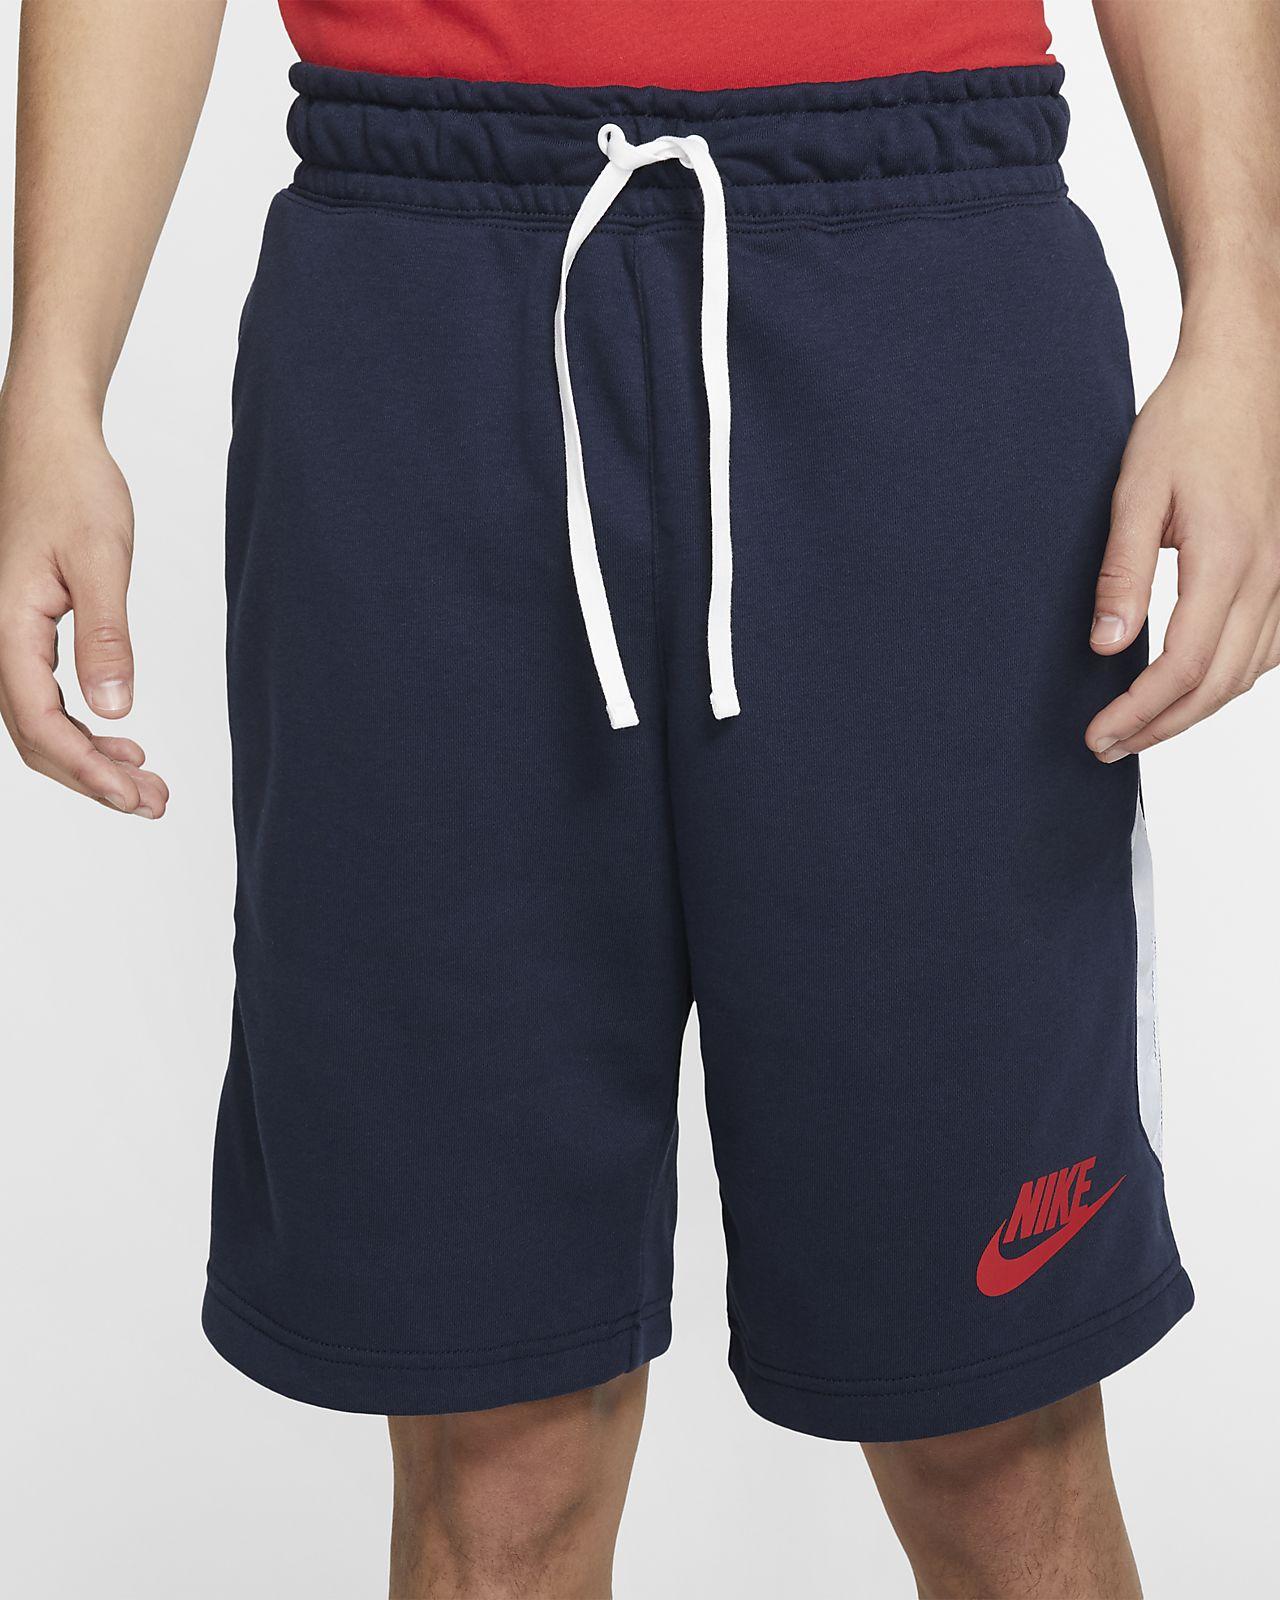 Finde deine Lässigen Herrenshorts. Nike CH